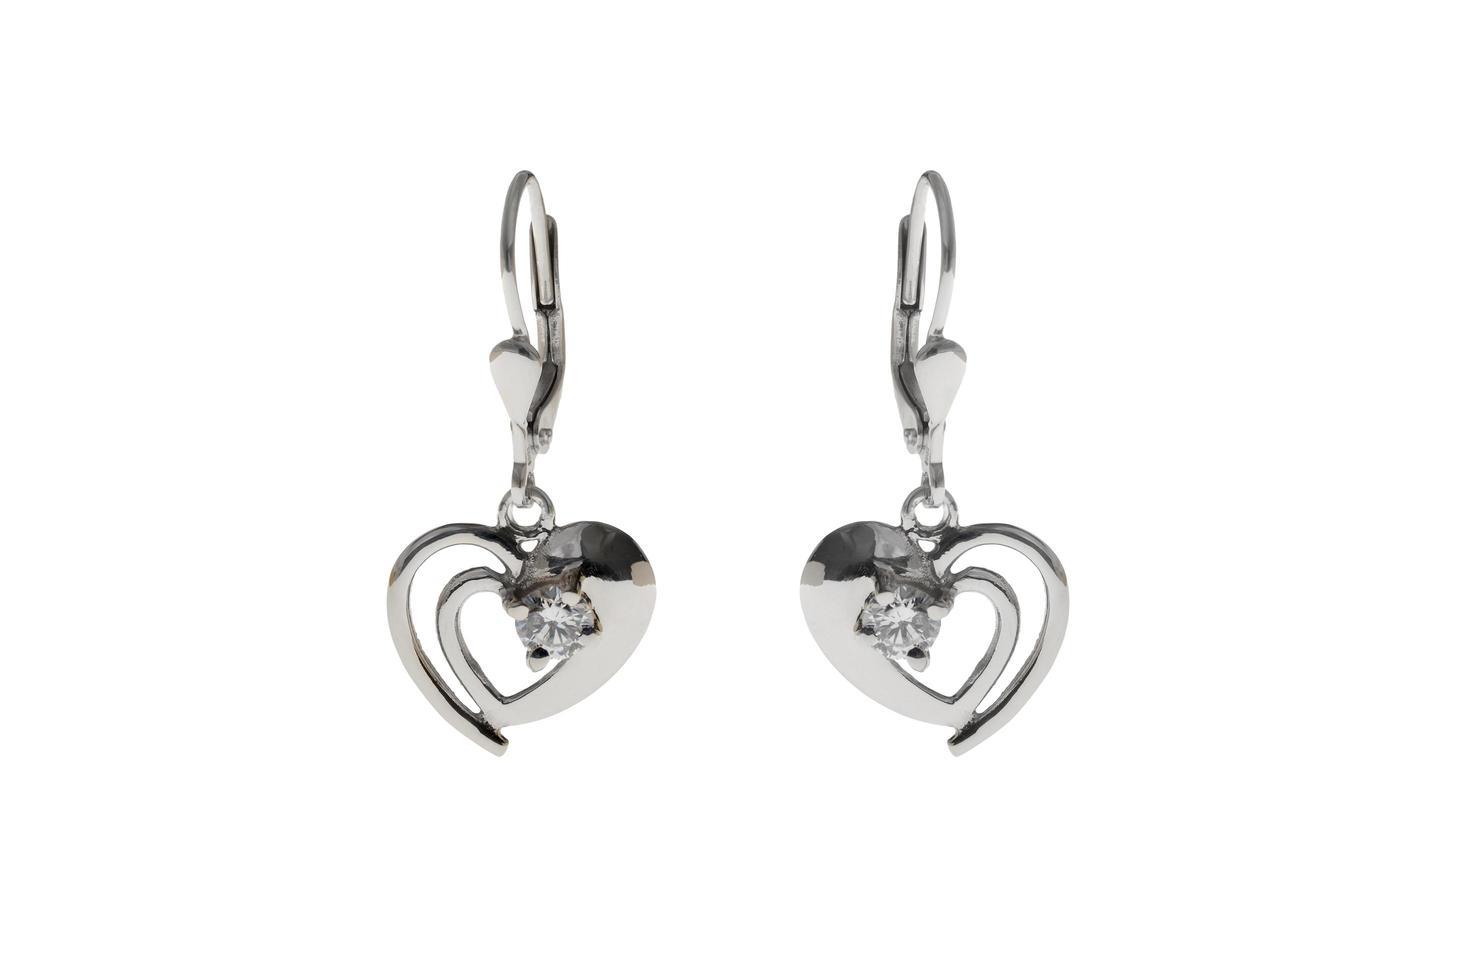 boucles d'oreilles en argent en forme de coeur photo